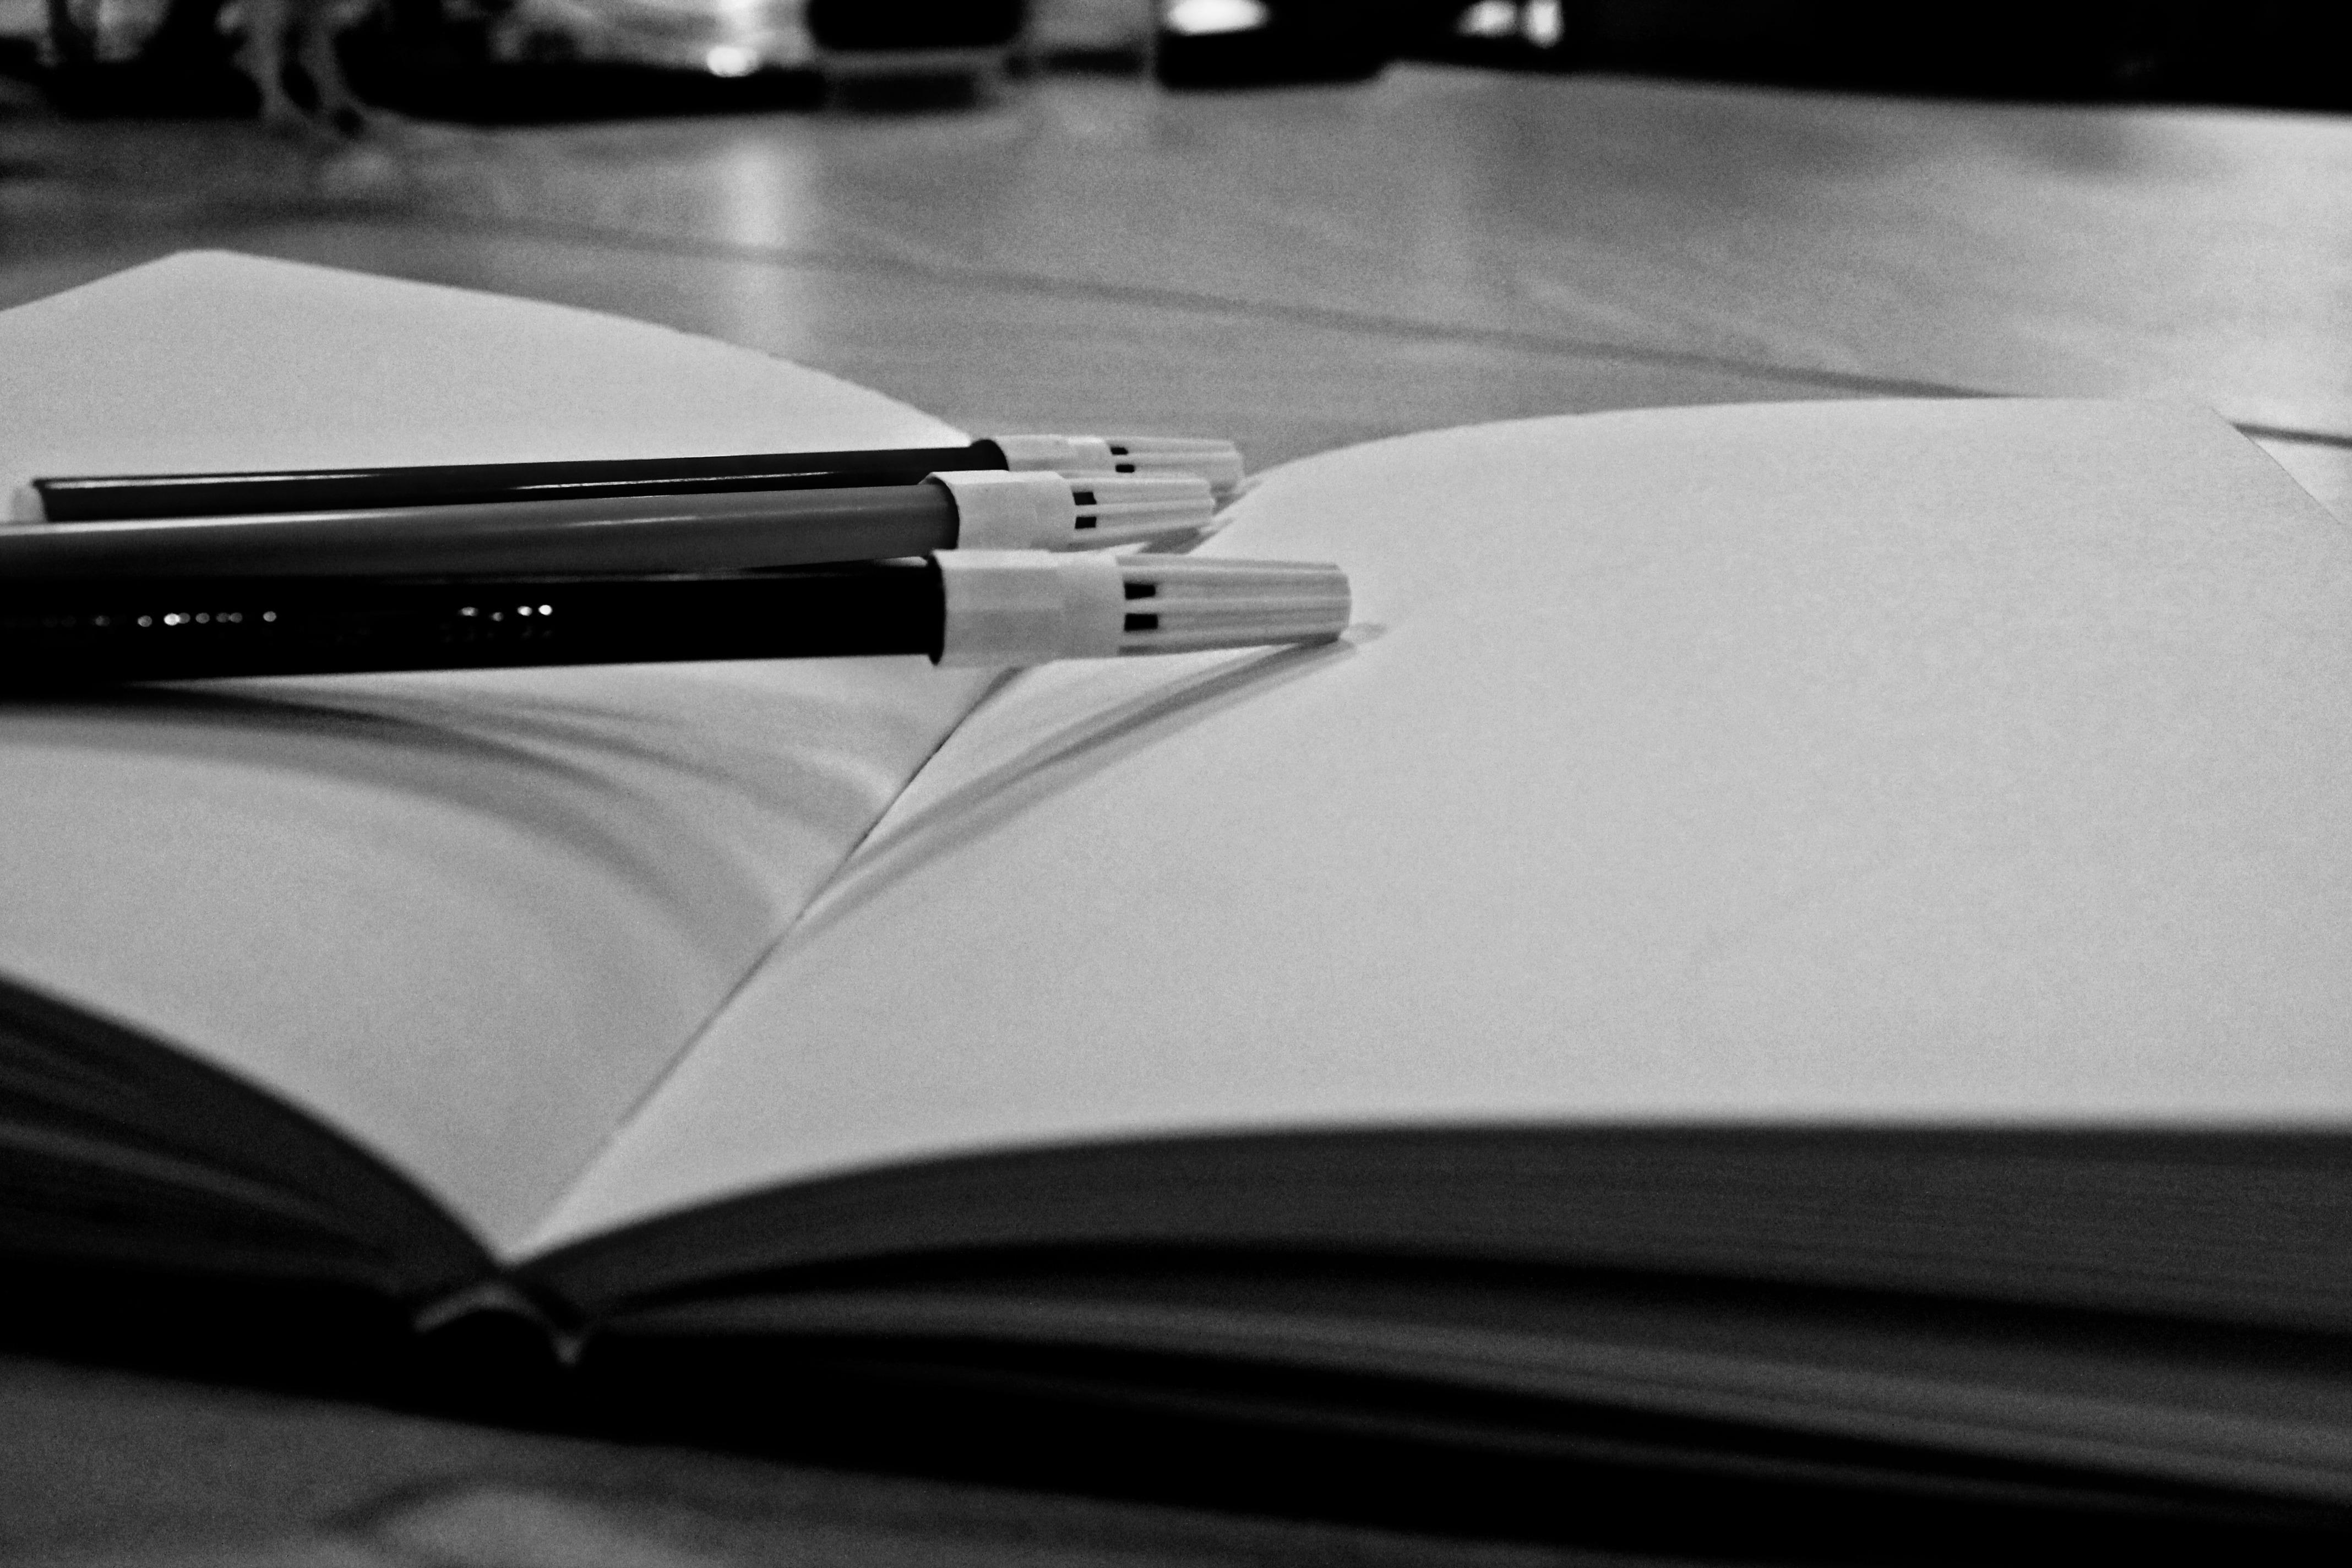 Fotos Gratis : Cuaderno, Libro, En Blanco Y Negro